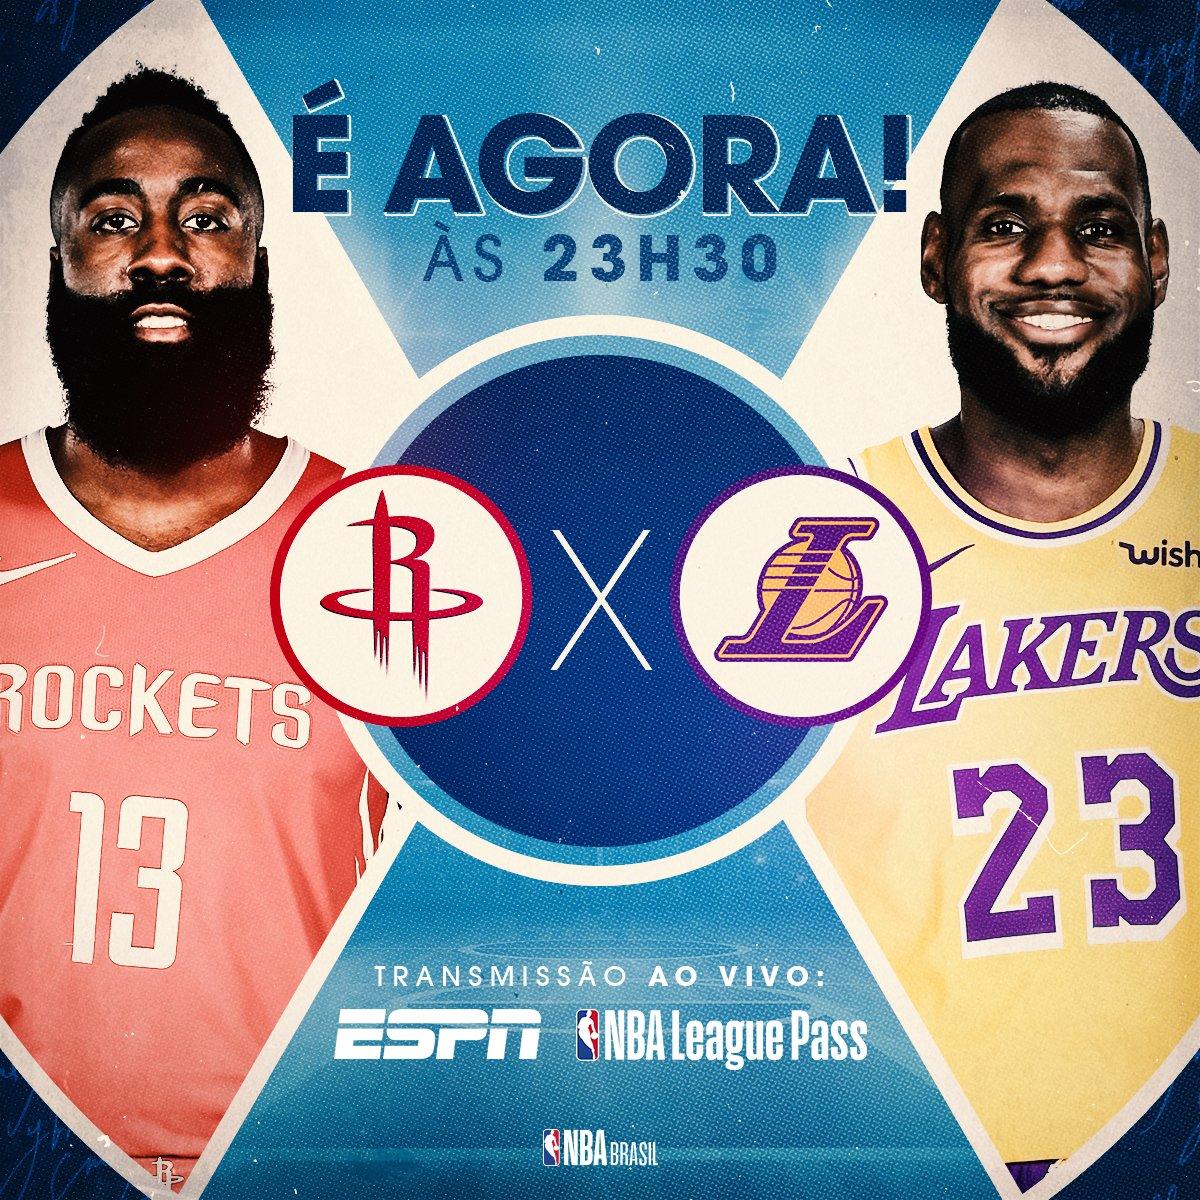 .@HoustonRockets X @Lakers começa AGORA! Já pode sintonizar na @ESPNagora e curtir esse jogão entre os gigantes do Oeste! 📺 #NBAnaESPN #RunAsOne #LakeShow